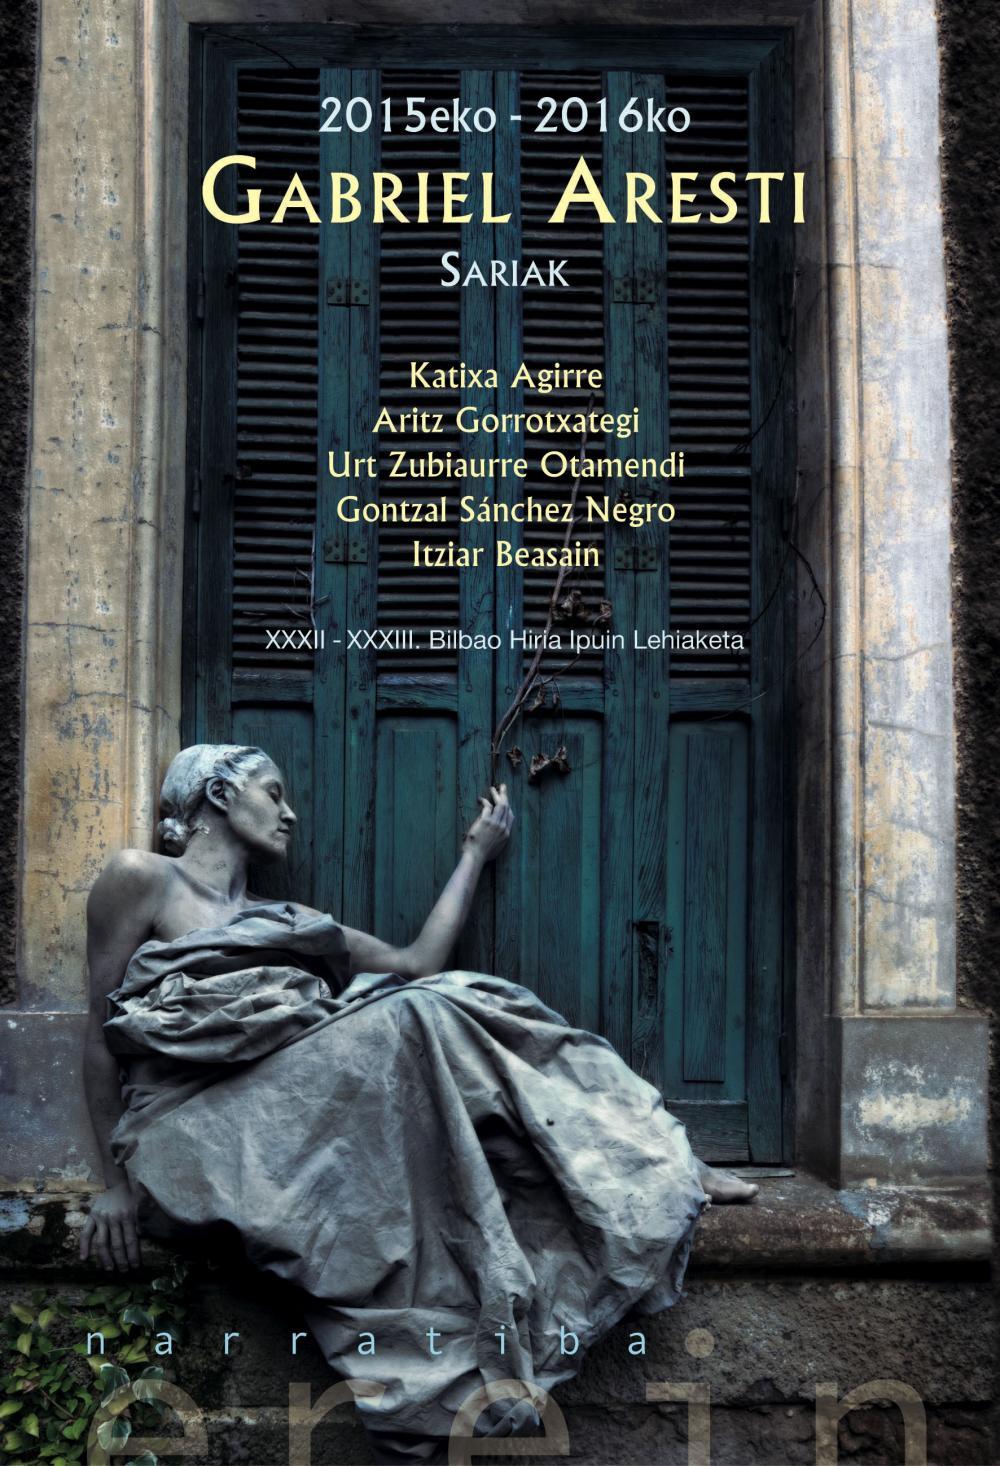 2015eko-2016ko Gabriel Aresti Sariak